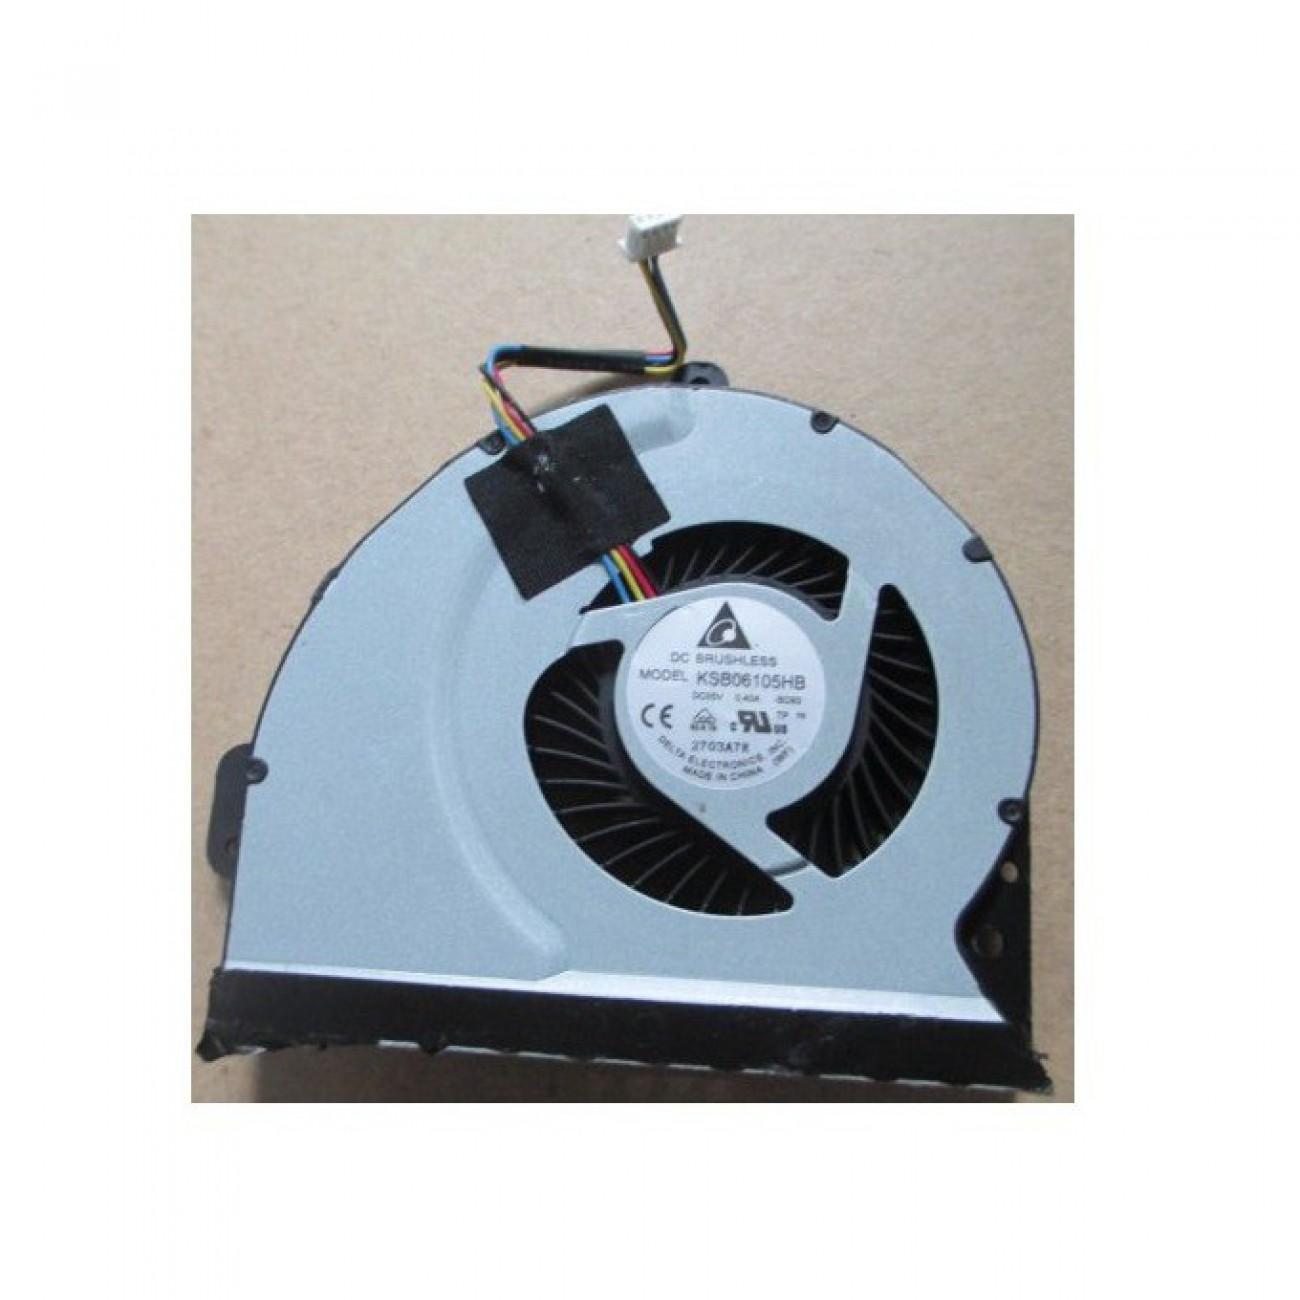 Вентилатор за лаптоп, ASUS N55 4 pins в Резервни части -  | Alleop